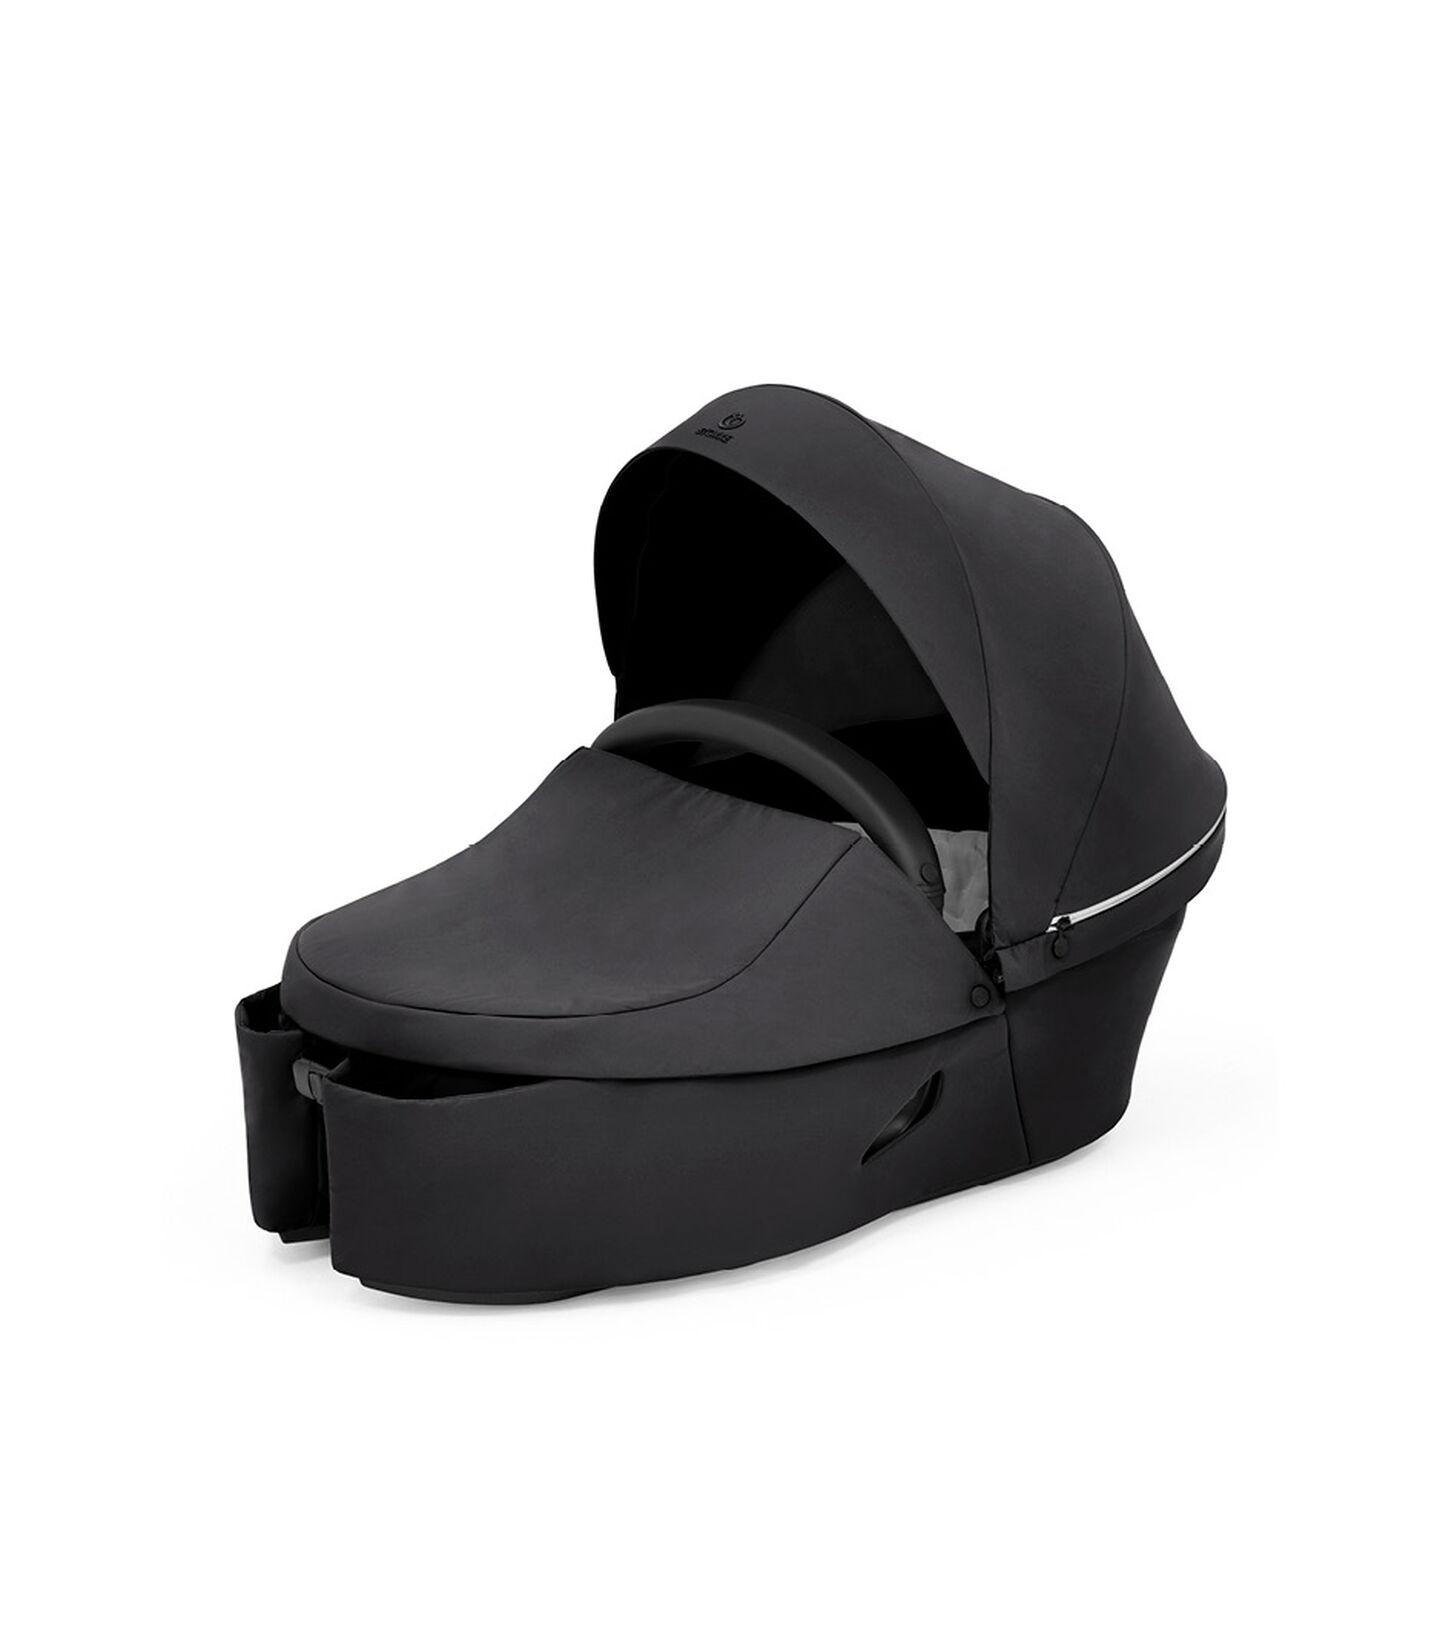 Stokke® Xplory® X Carry Cot Rich Black, Noir Profond, mainview view 2